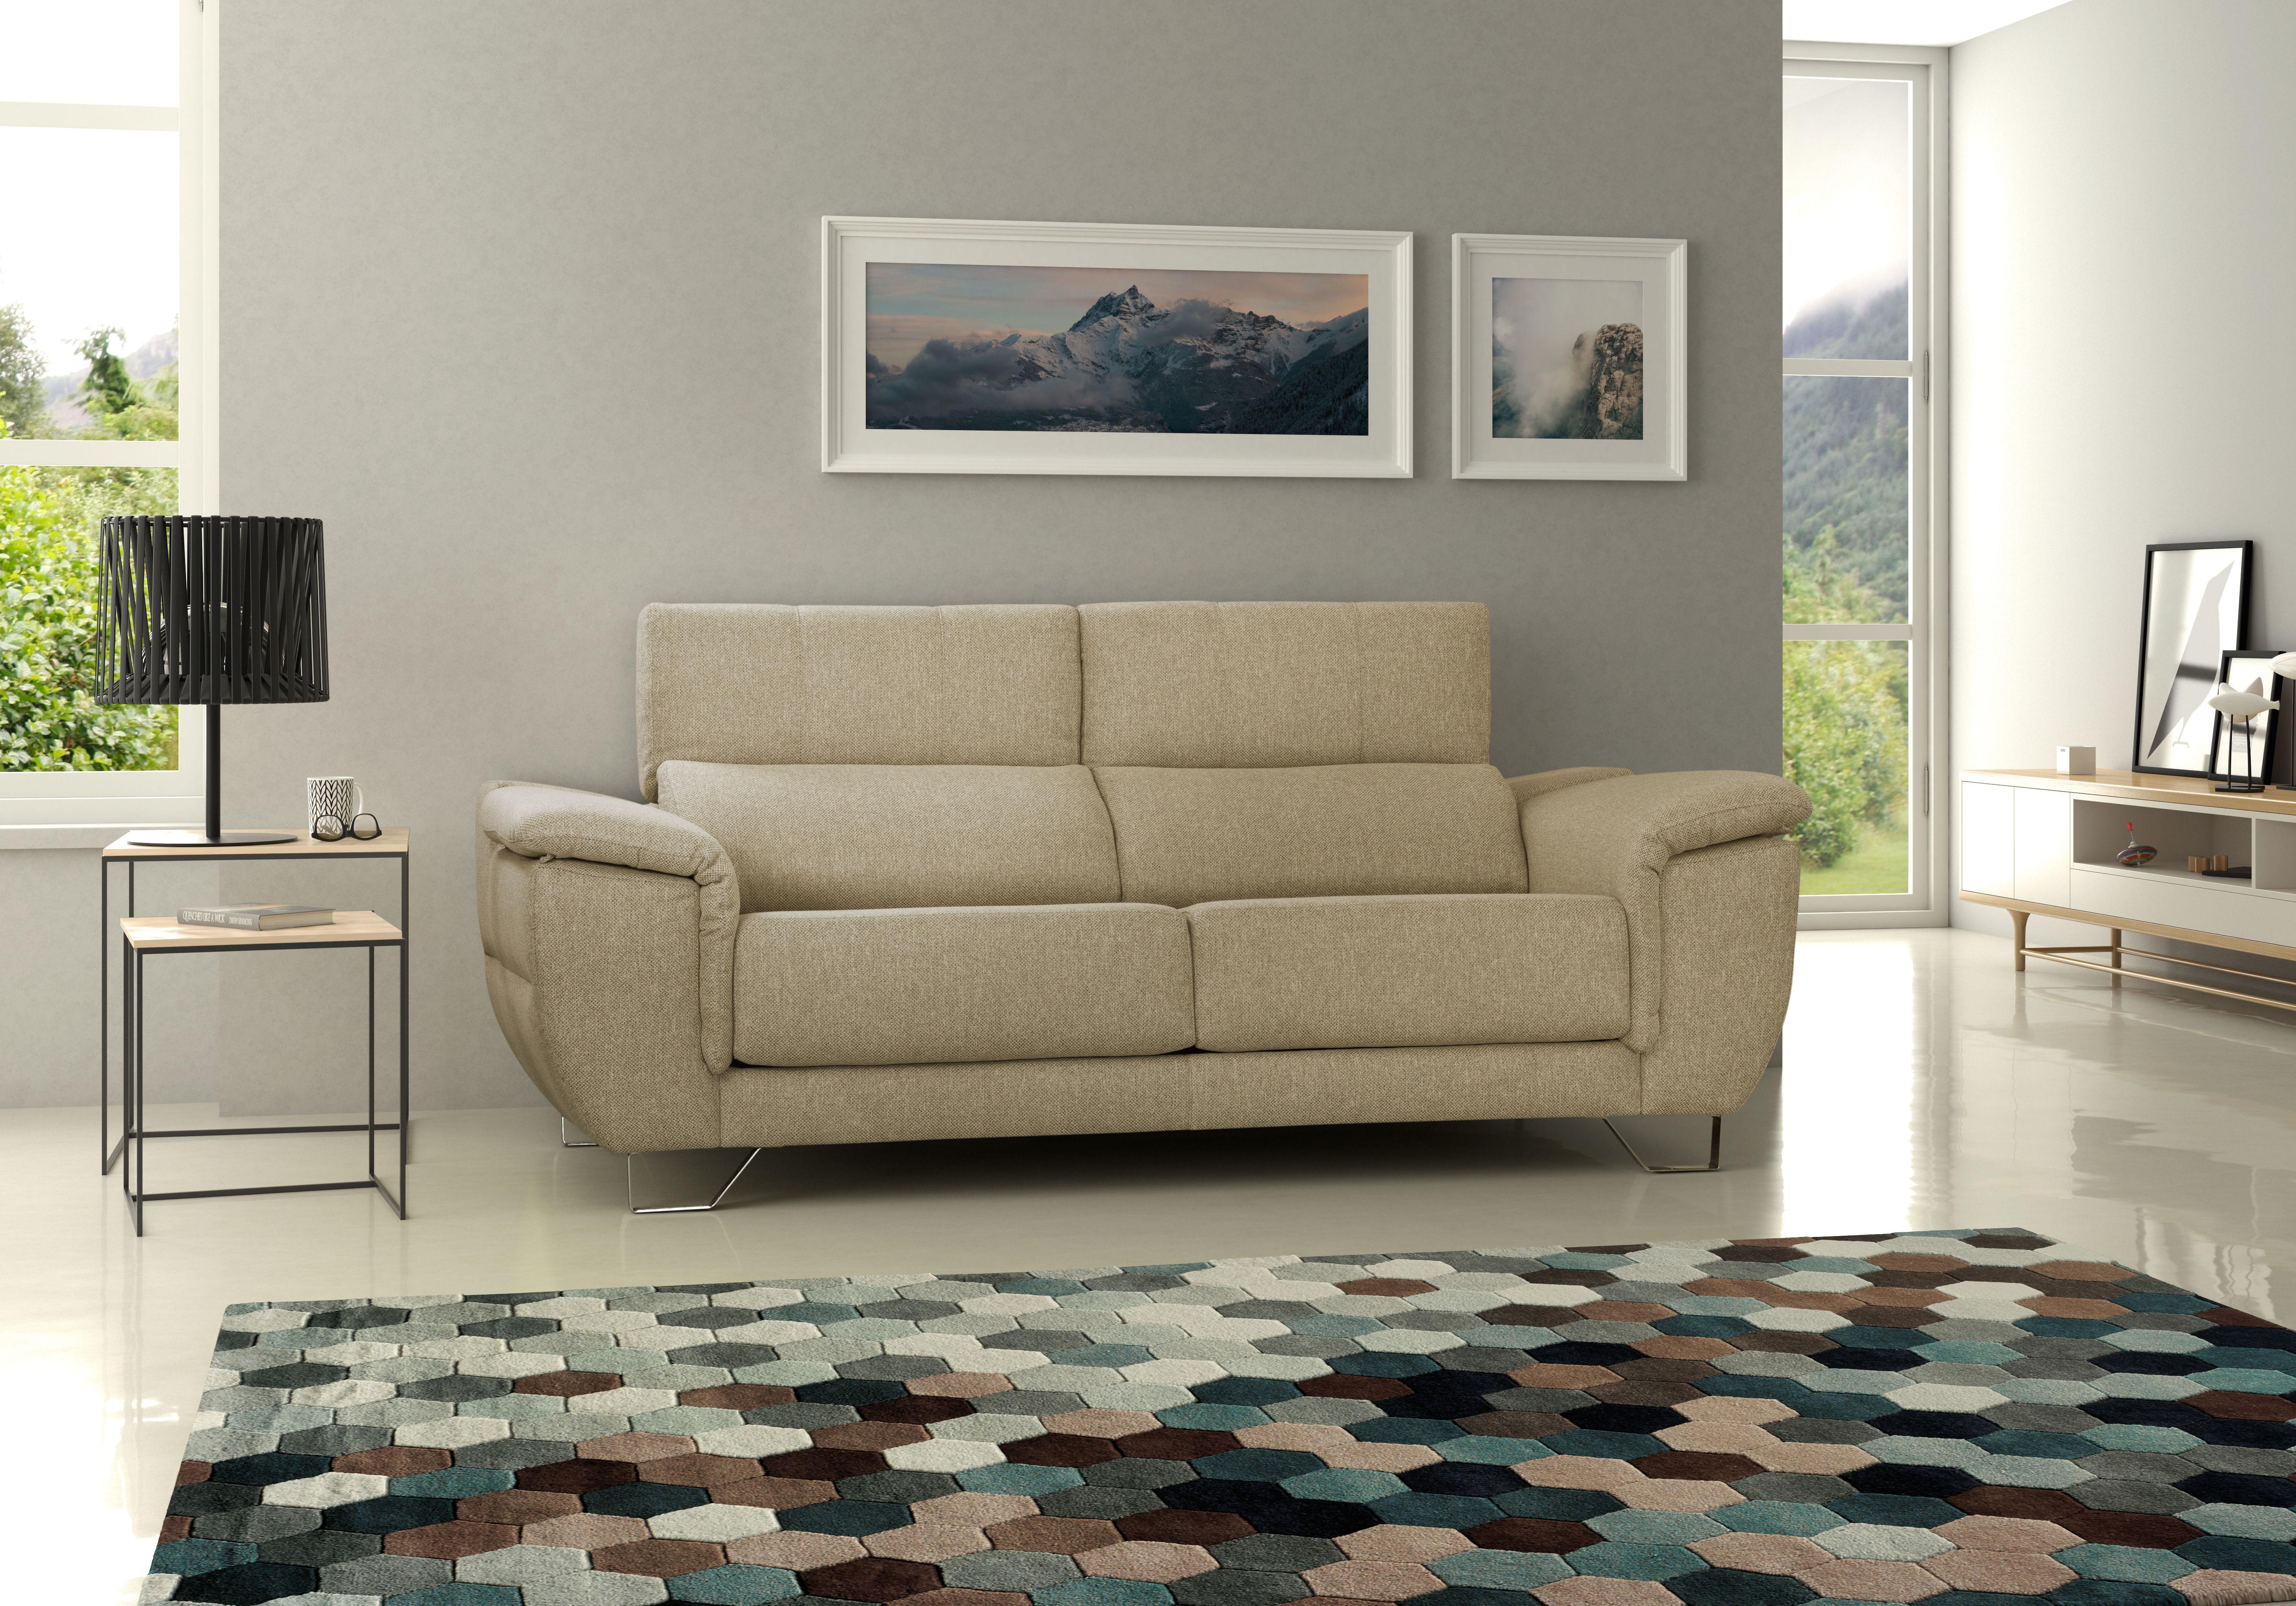 Europolis las rozas sofas interesting sofa arianne love for Sillones europolis